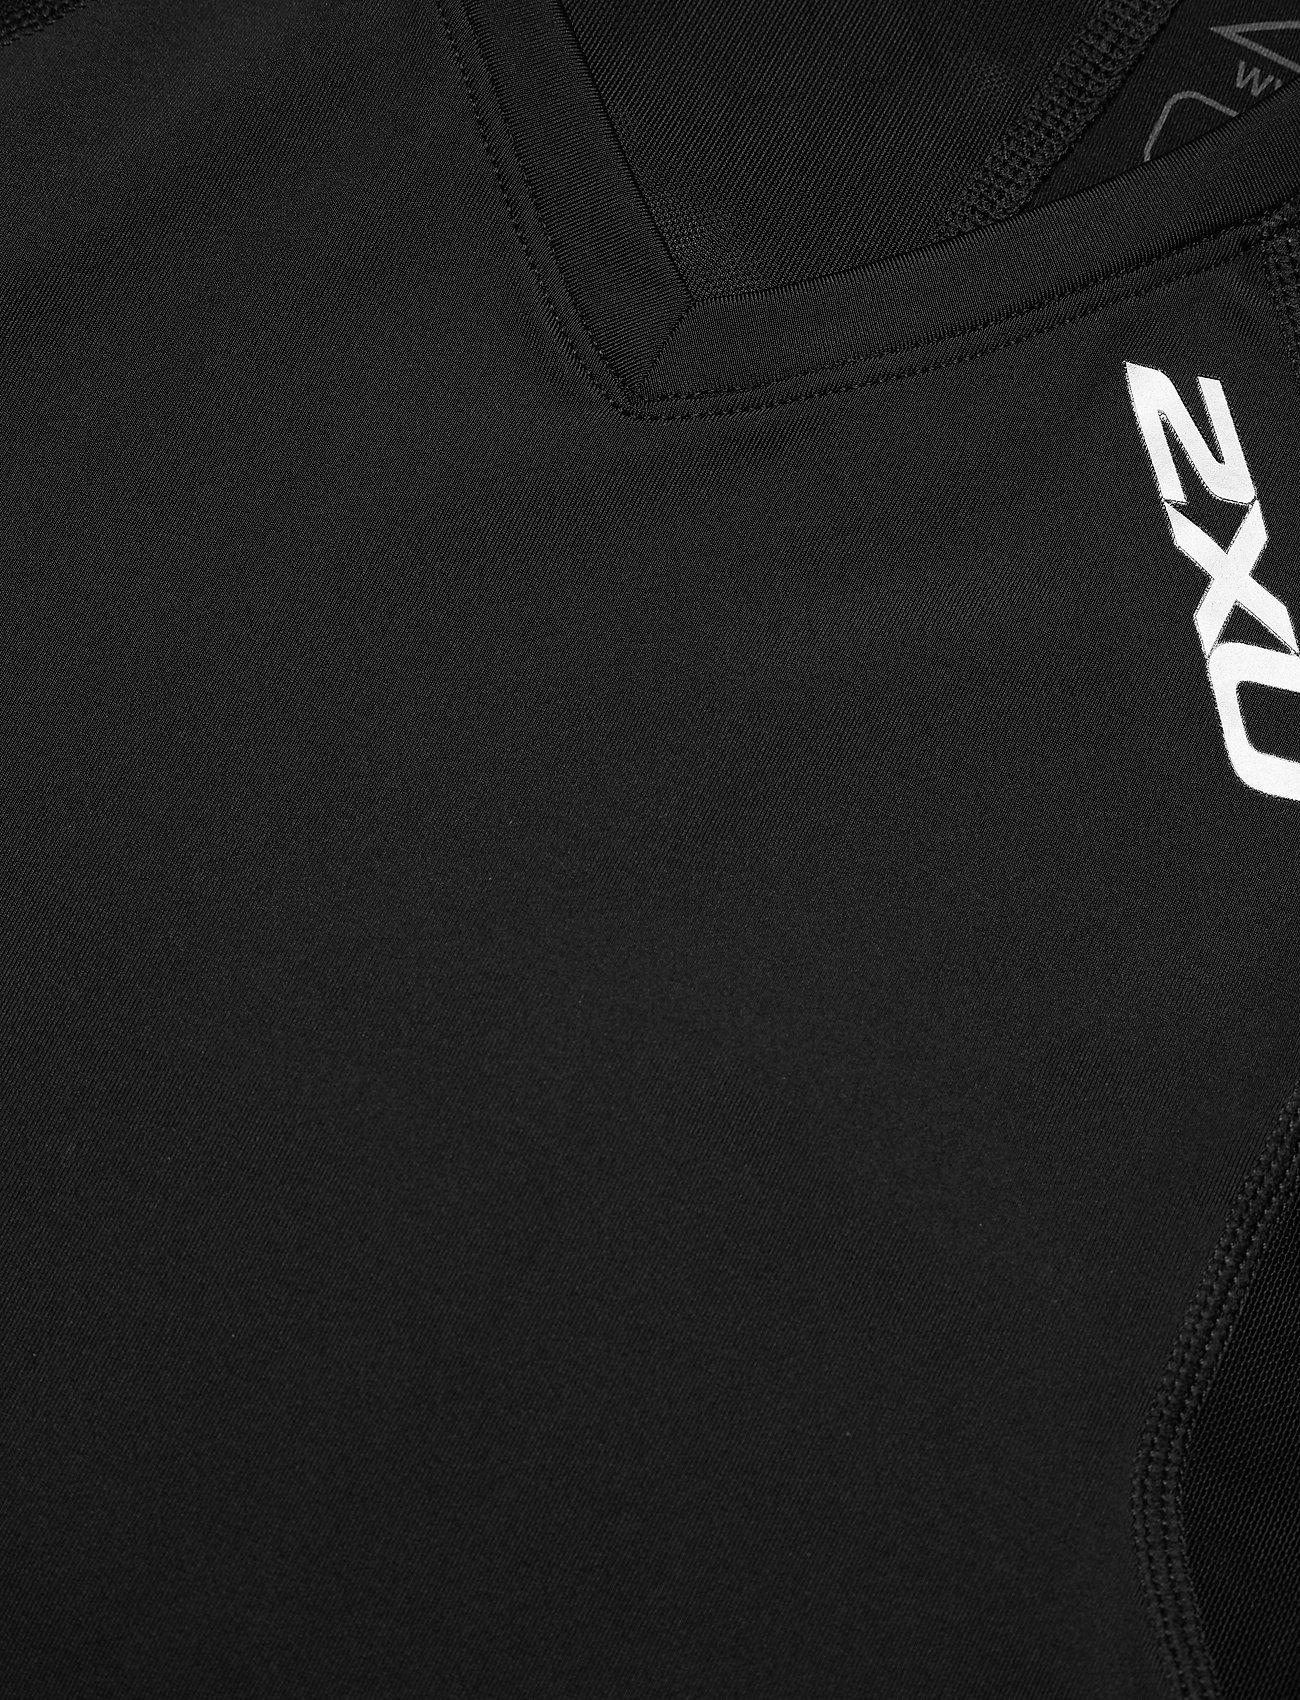 2xu Comp Sleveless Top-m - T-shirts Black/black